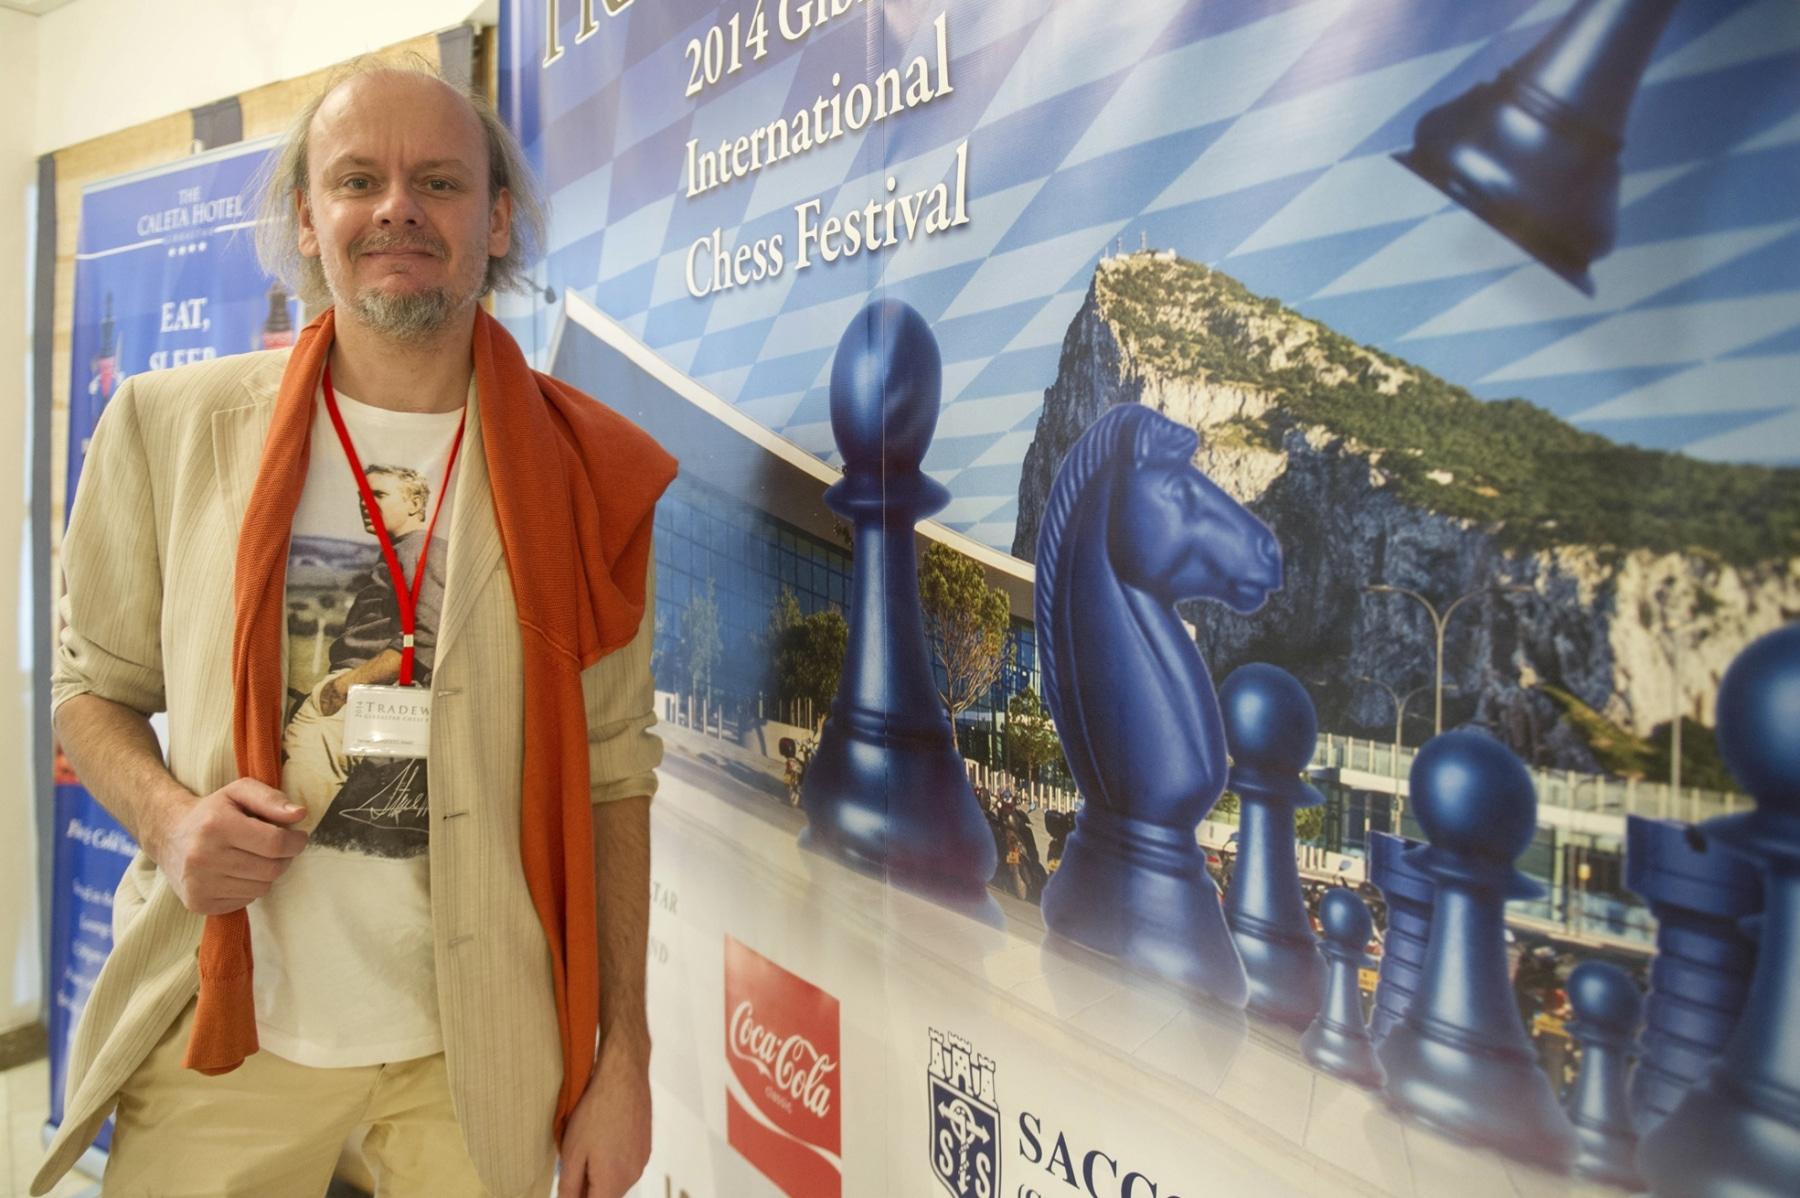 tradewise-chess-festival-entrevistas-y-ambiente25_12249483594_o